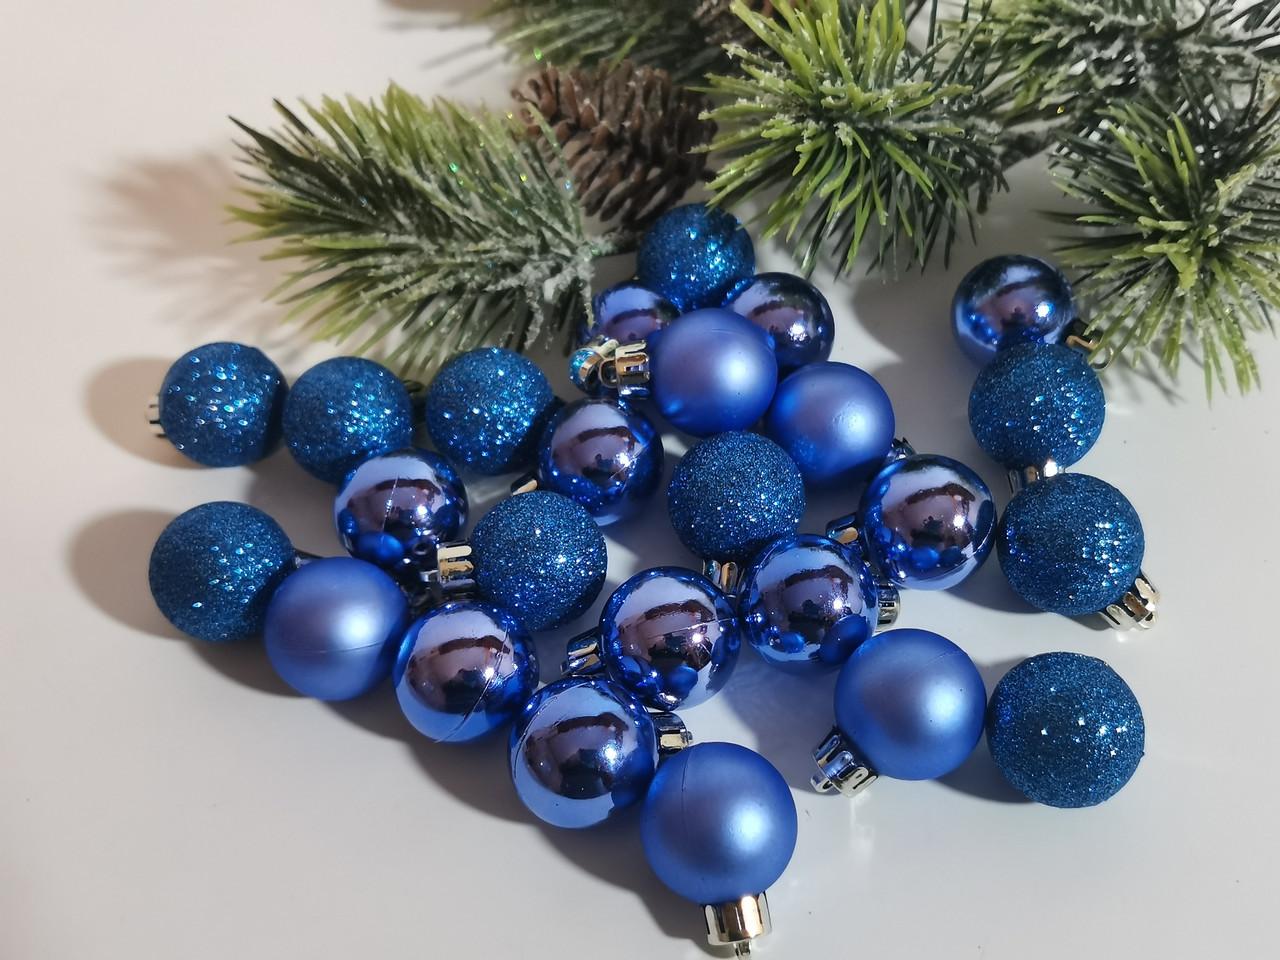 Набор новогодних елочных шаров 3 см, сине- лавандовый. 25 шт